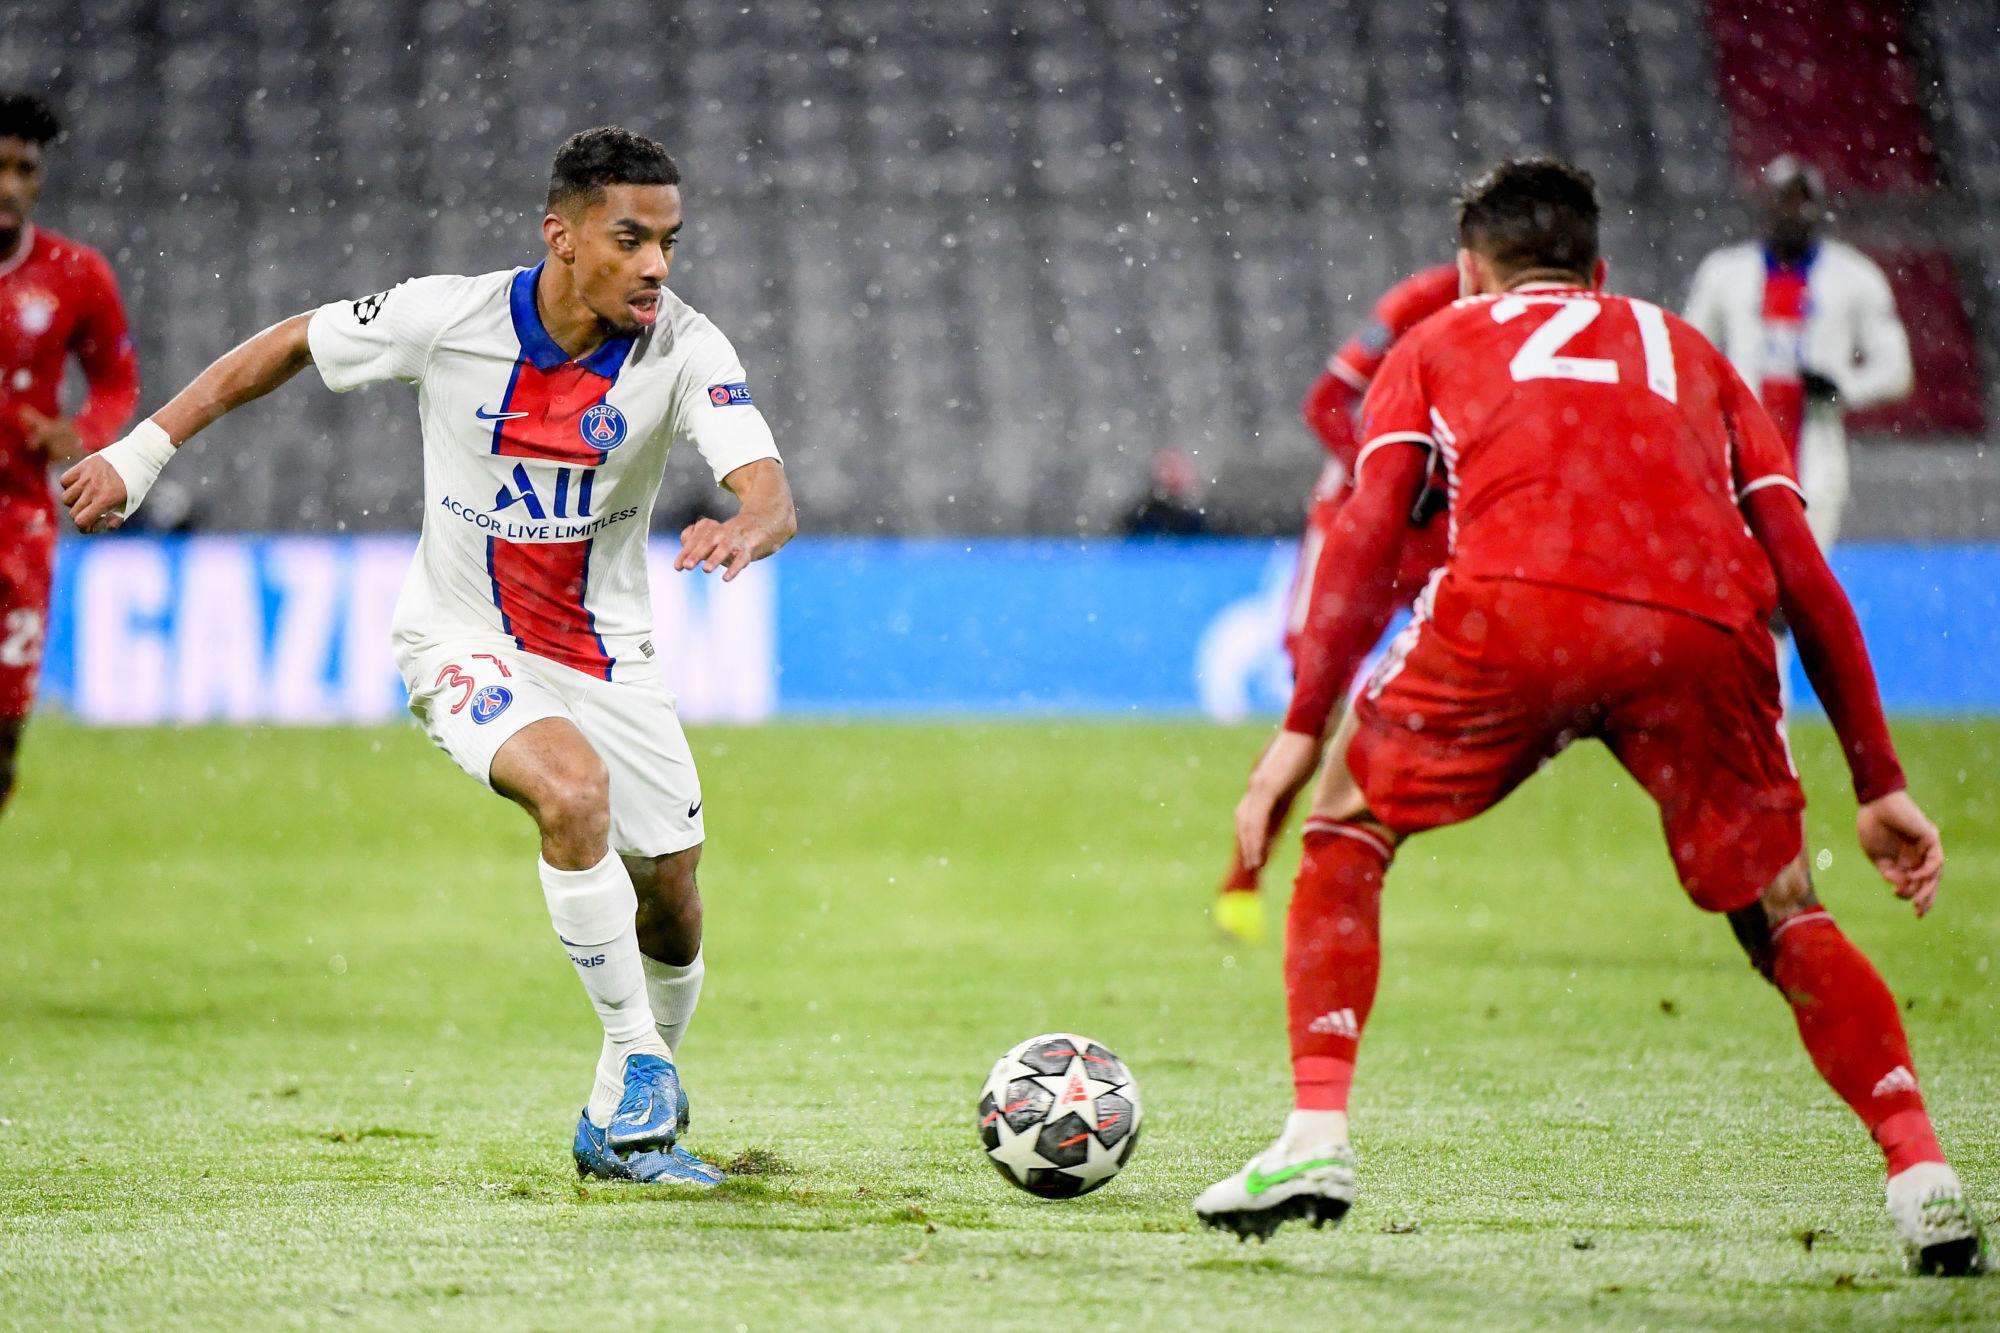 """Bayern/PSG - Pour Dagba, Paris devra """"rester concentré"""" et """"collectif"""" au match retour"""